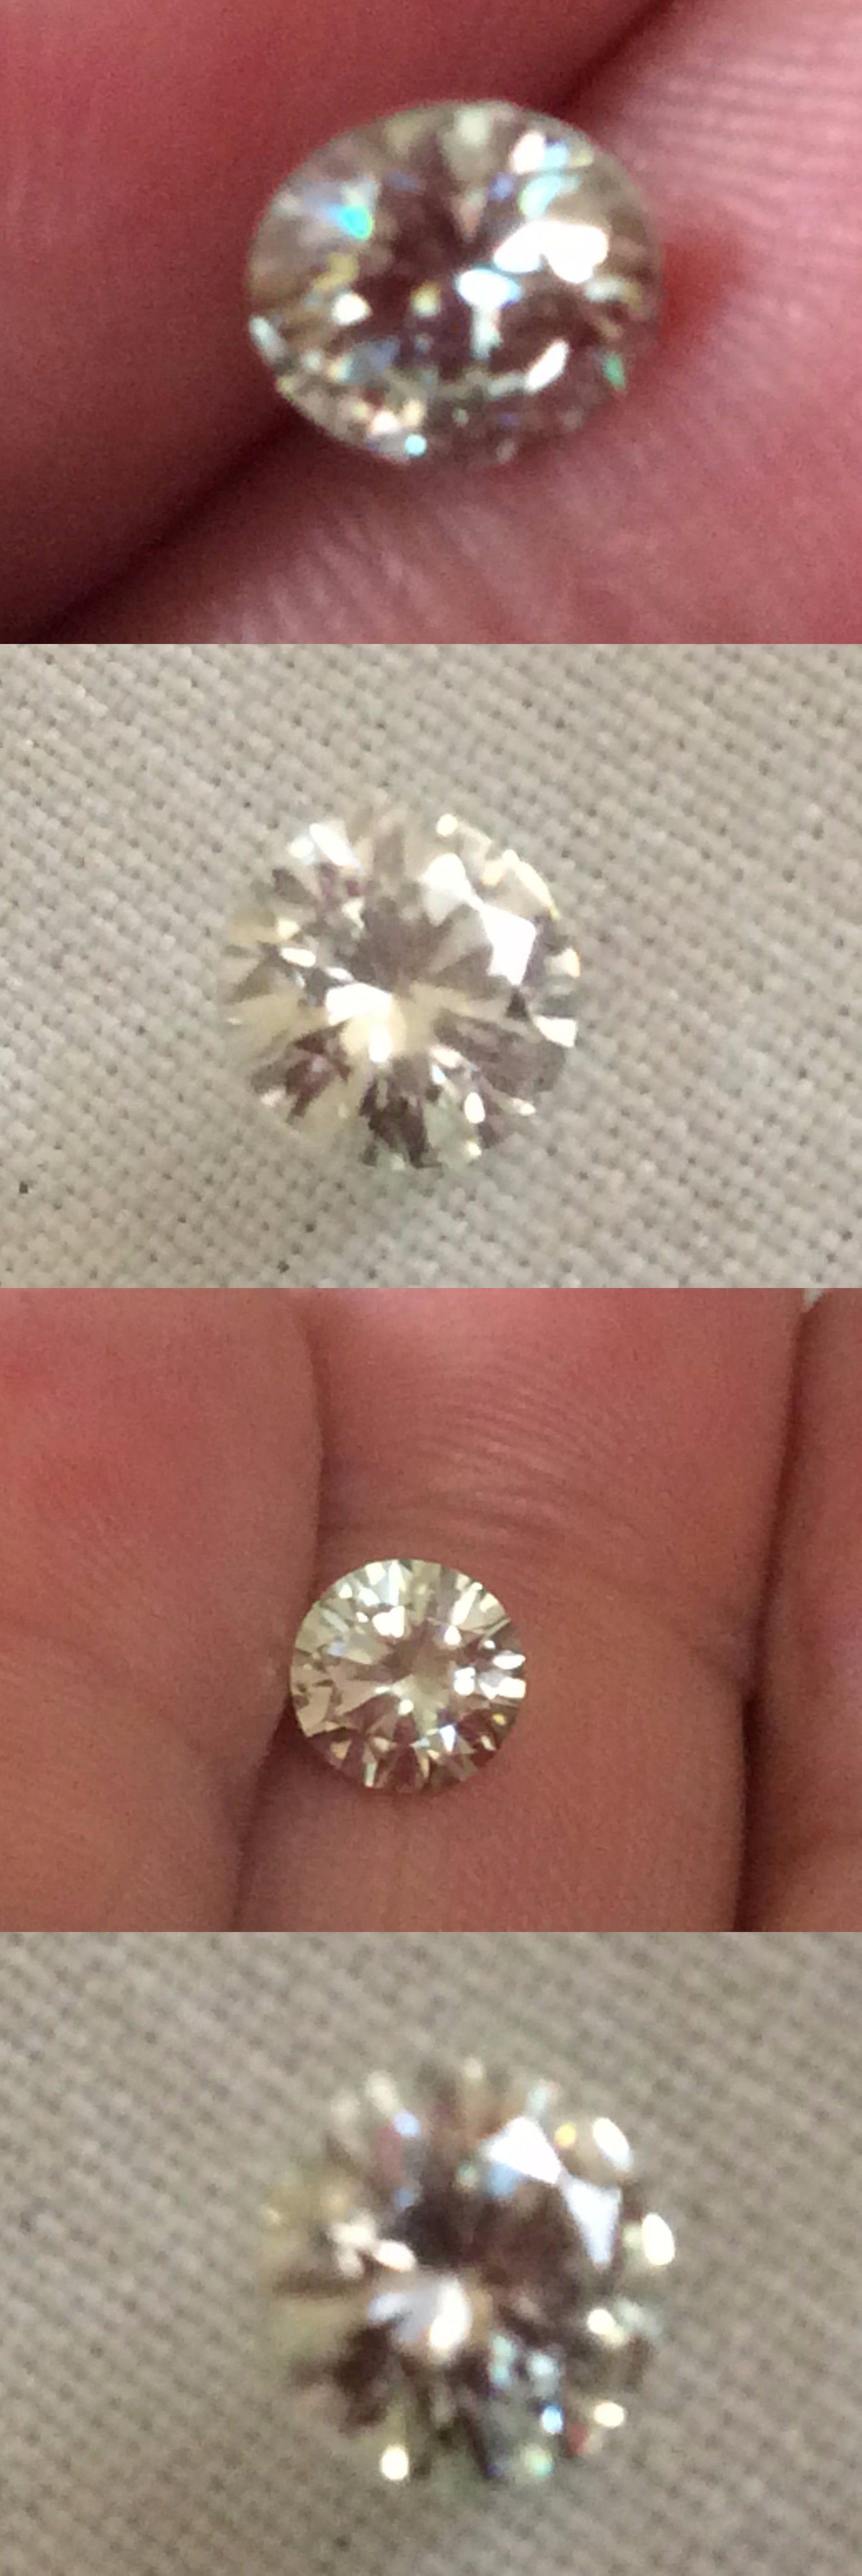 Lab Created Diamonds Moissanite 0 53 Ct 5 38 Mm White Yellow